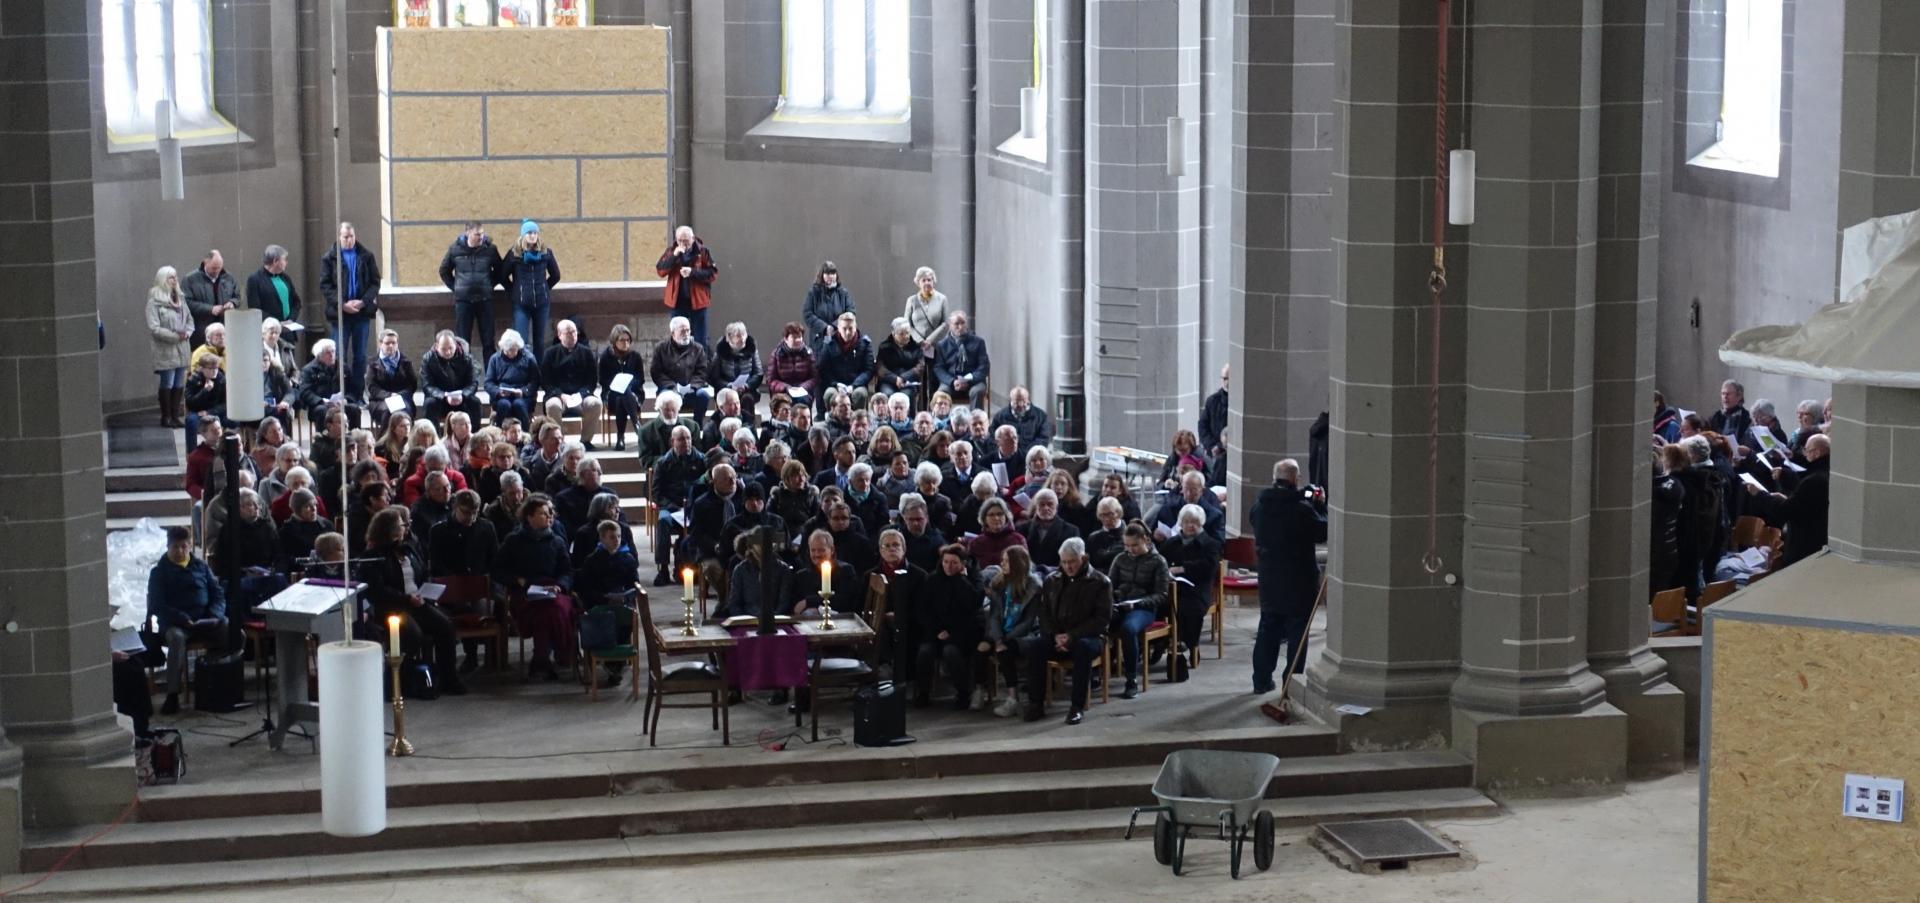 Die Gemeinde hat Platz genommen und die Kantorei wird hocharmig von Benjamin Dippel dirigiert